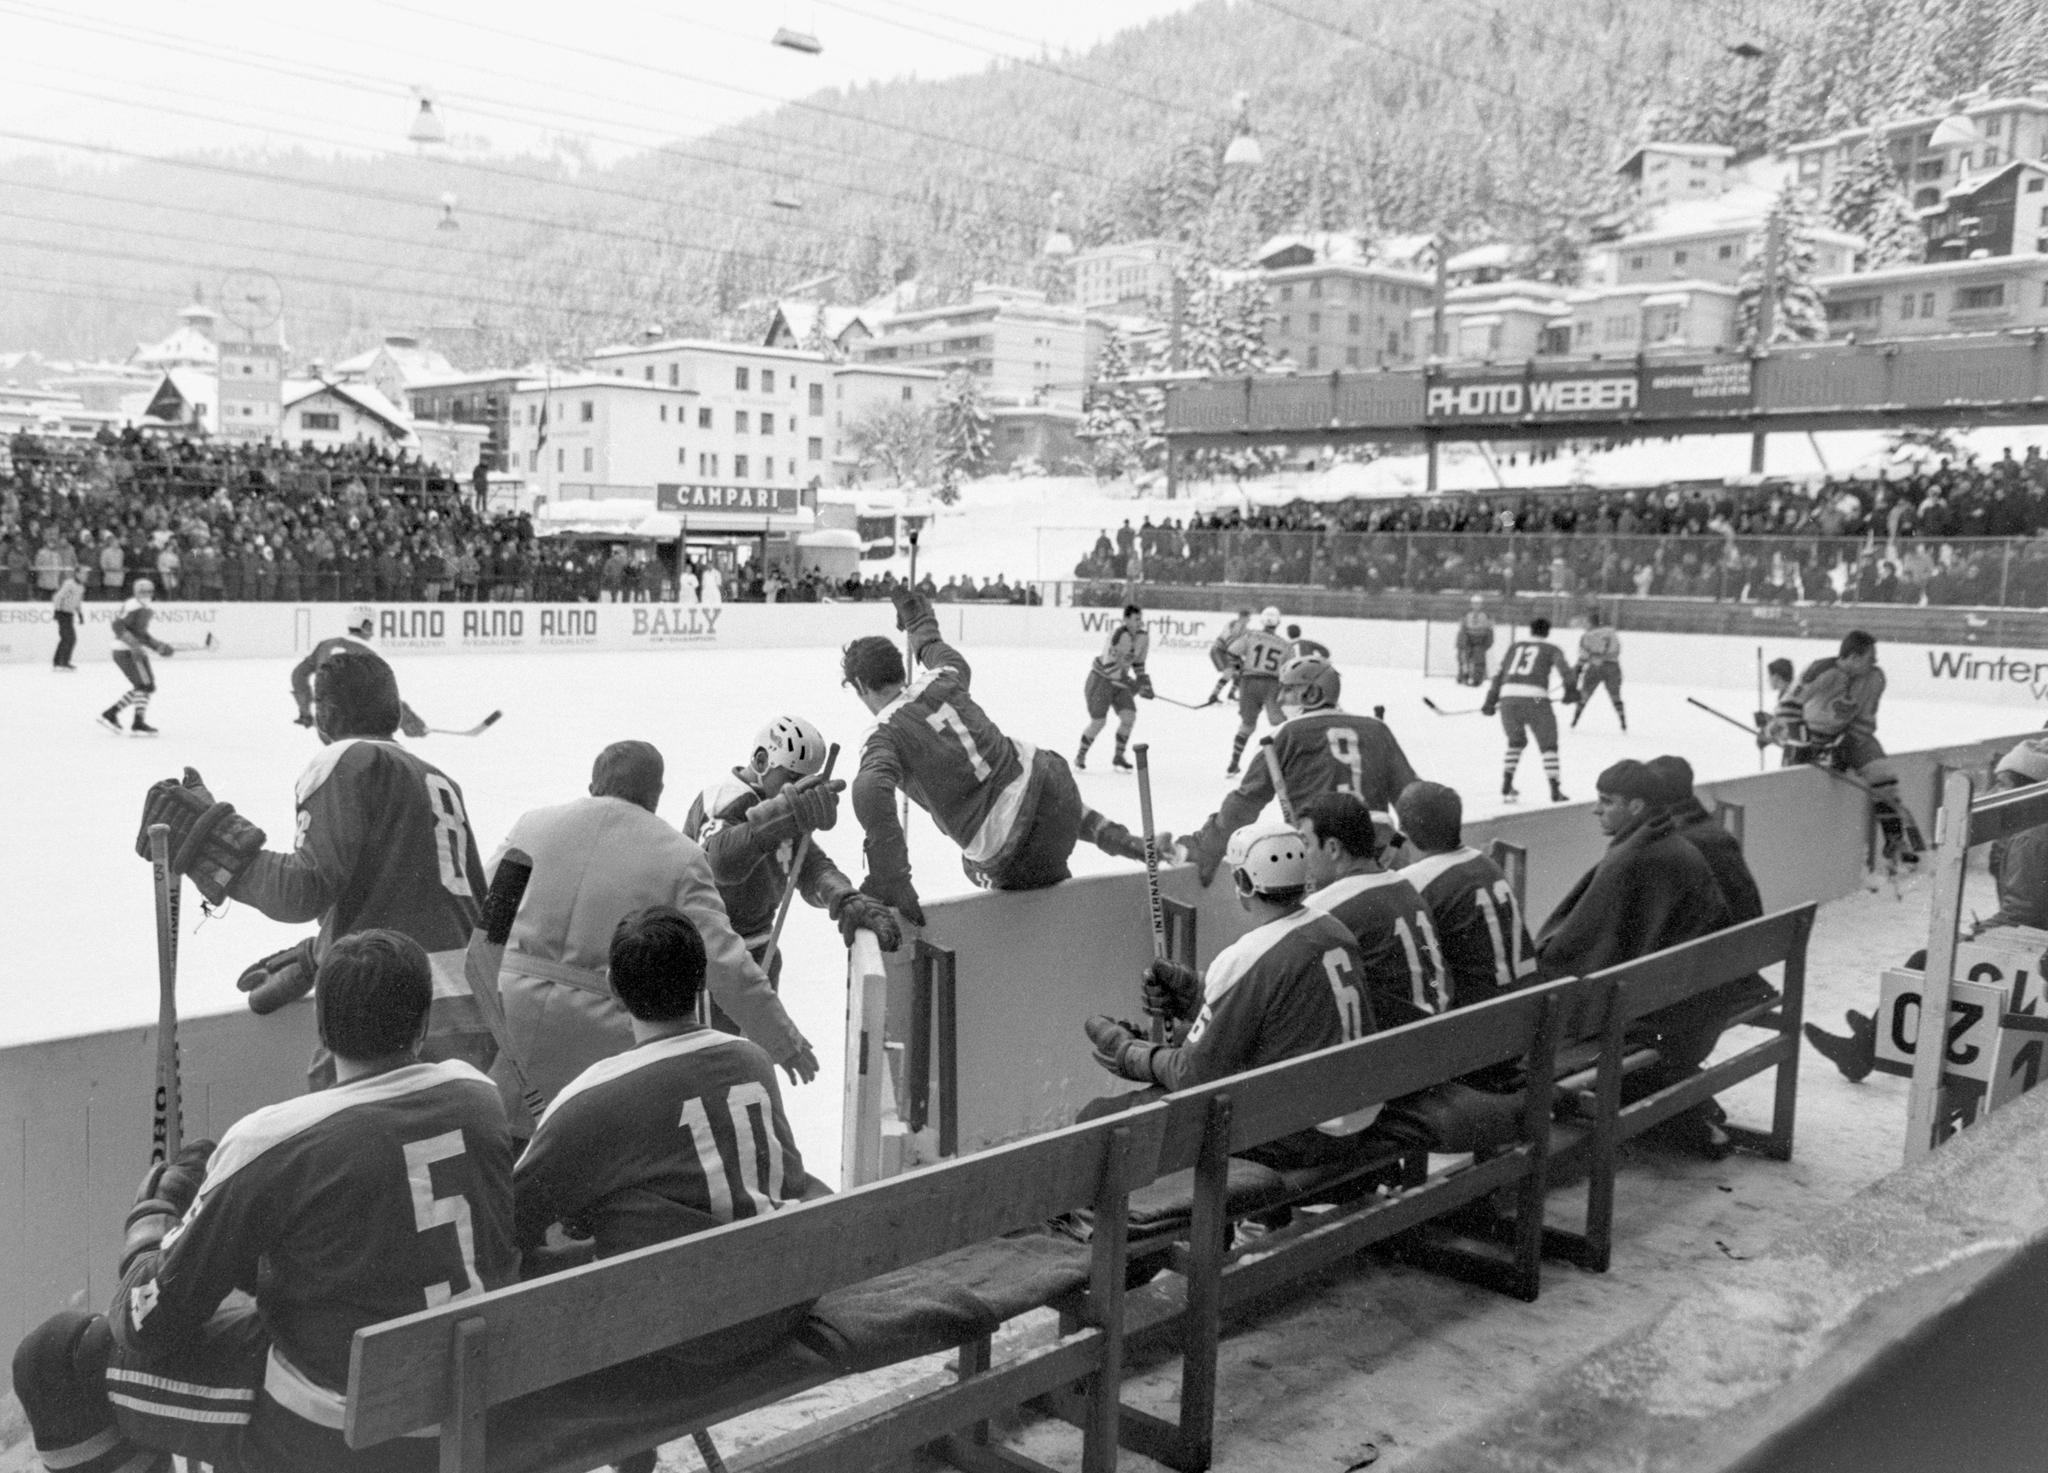 ZUM SPENGLER CUP 2015 VOM SAMSTAG, 26. DEZEMBER 2015, BIS DONNERSTAG, 31. DEZEMBER 2015, STELLEN WIR IHNEN FOLGENDES BILDMATERIAL ZUR VERFUEGUNG - Trainer Kobera (von hinten, mit grauem Mantel) beordert die erste Sturmlinie der Schweizer Nationalmannschaft auf das Eis, Tuerler, Nummer 8, Piller, Nummer 7, und Reinhard, Nummer 9. Die Schweiz verliert am 26. Dezember 1968 das Eroeffnungsspiel beim Spengler Cup gegen Dukla Jihlava mit 1 zu 6 Toren. (KEYSTONE/PHOTOPRESS-ARCHIV/Wir.)